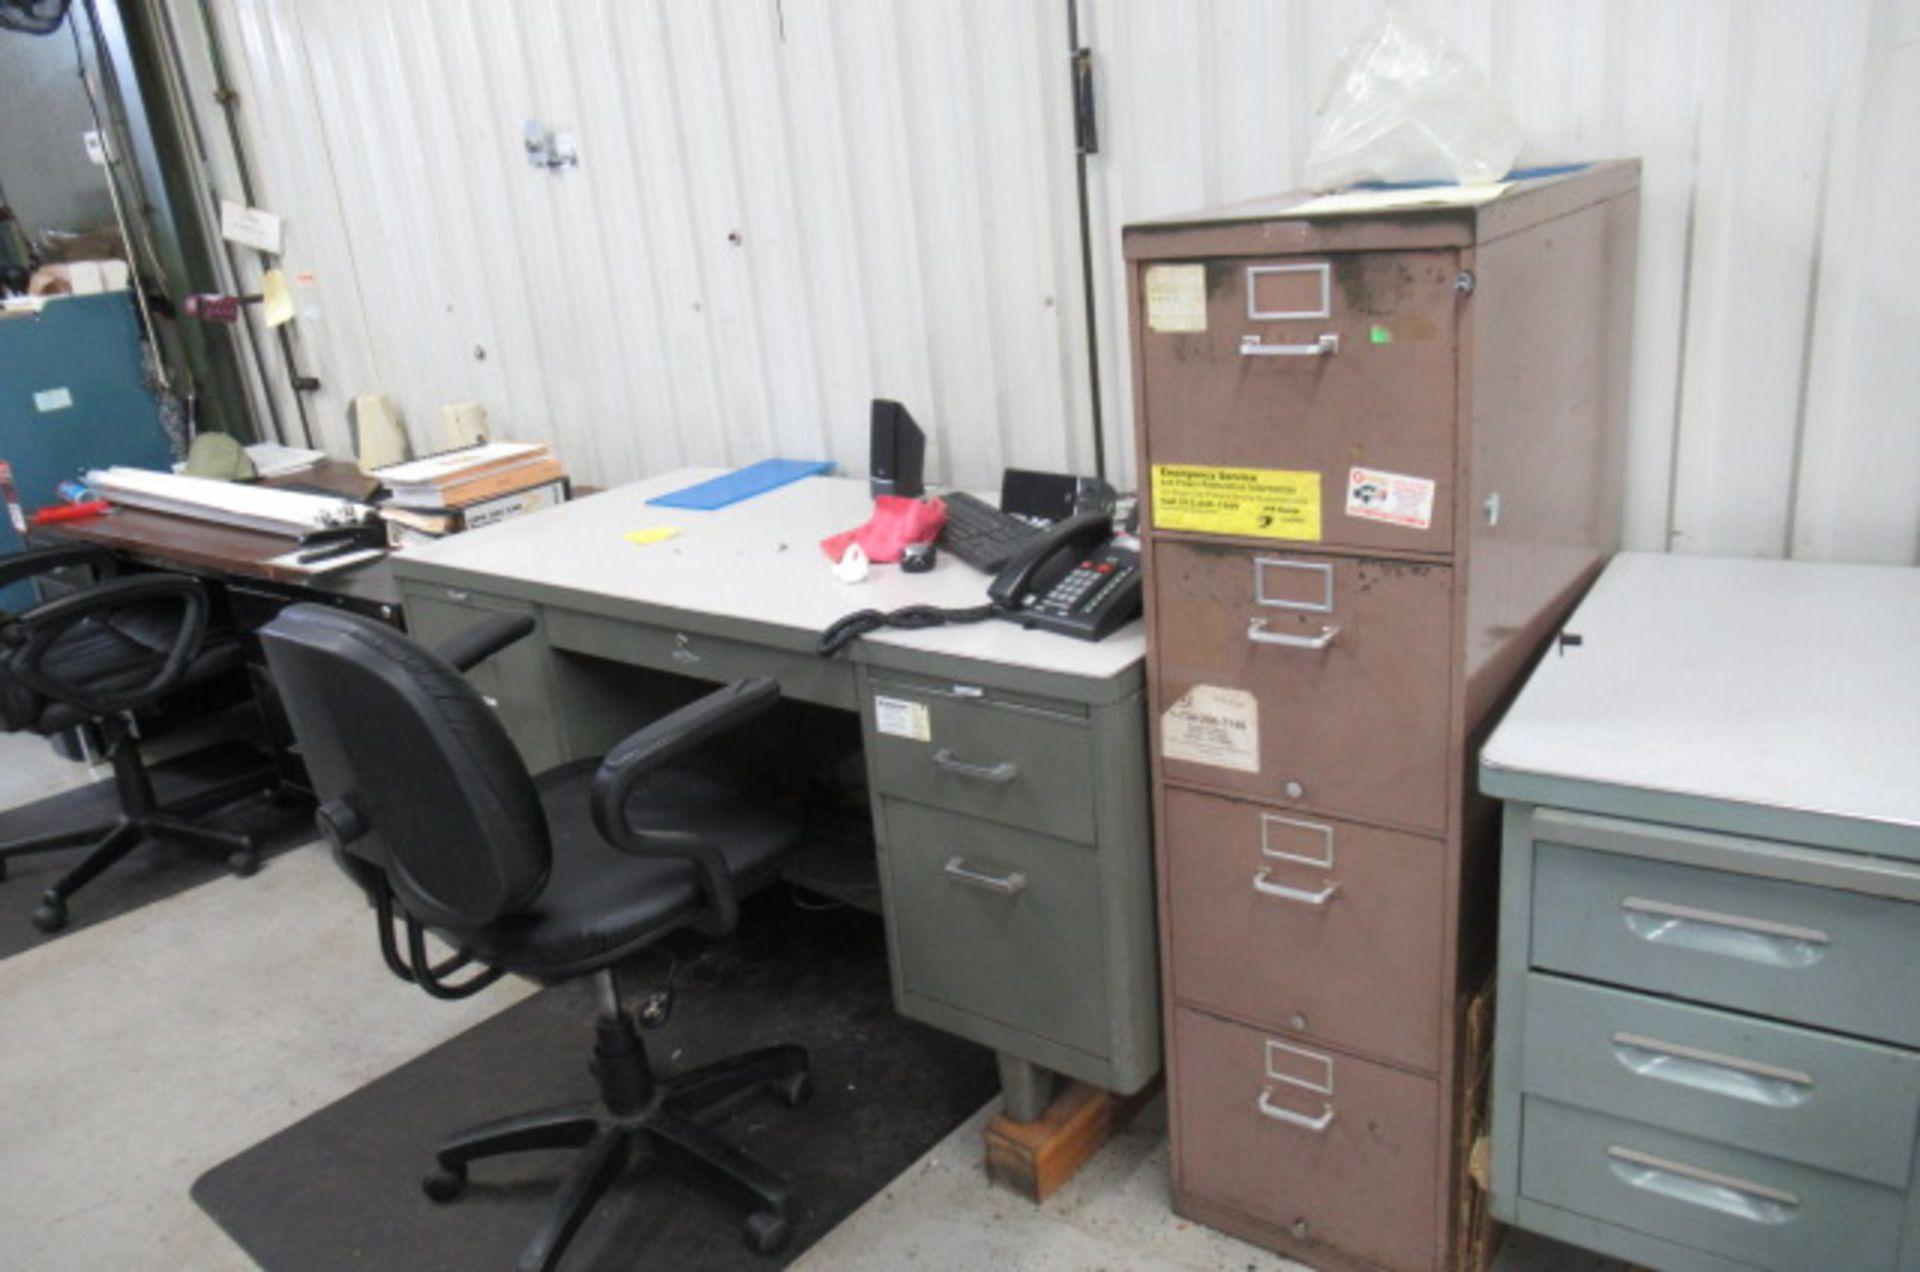 parts cage area 6 desks, 3 file cabinets, 2 Dell monitors, 3 key boards